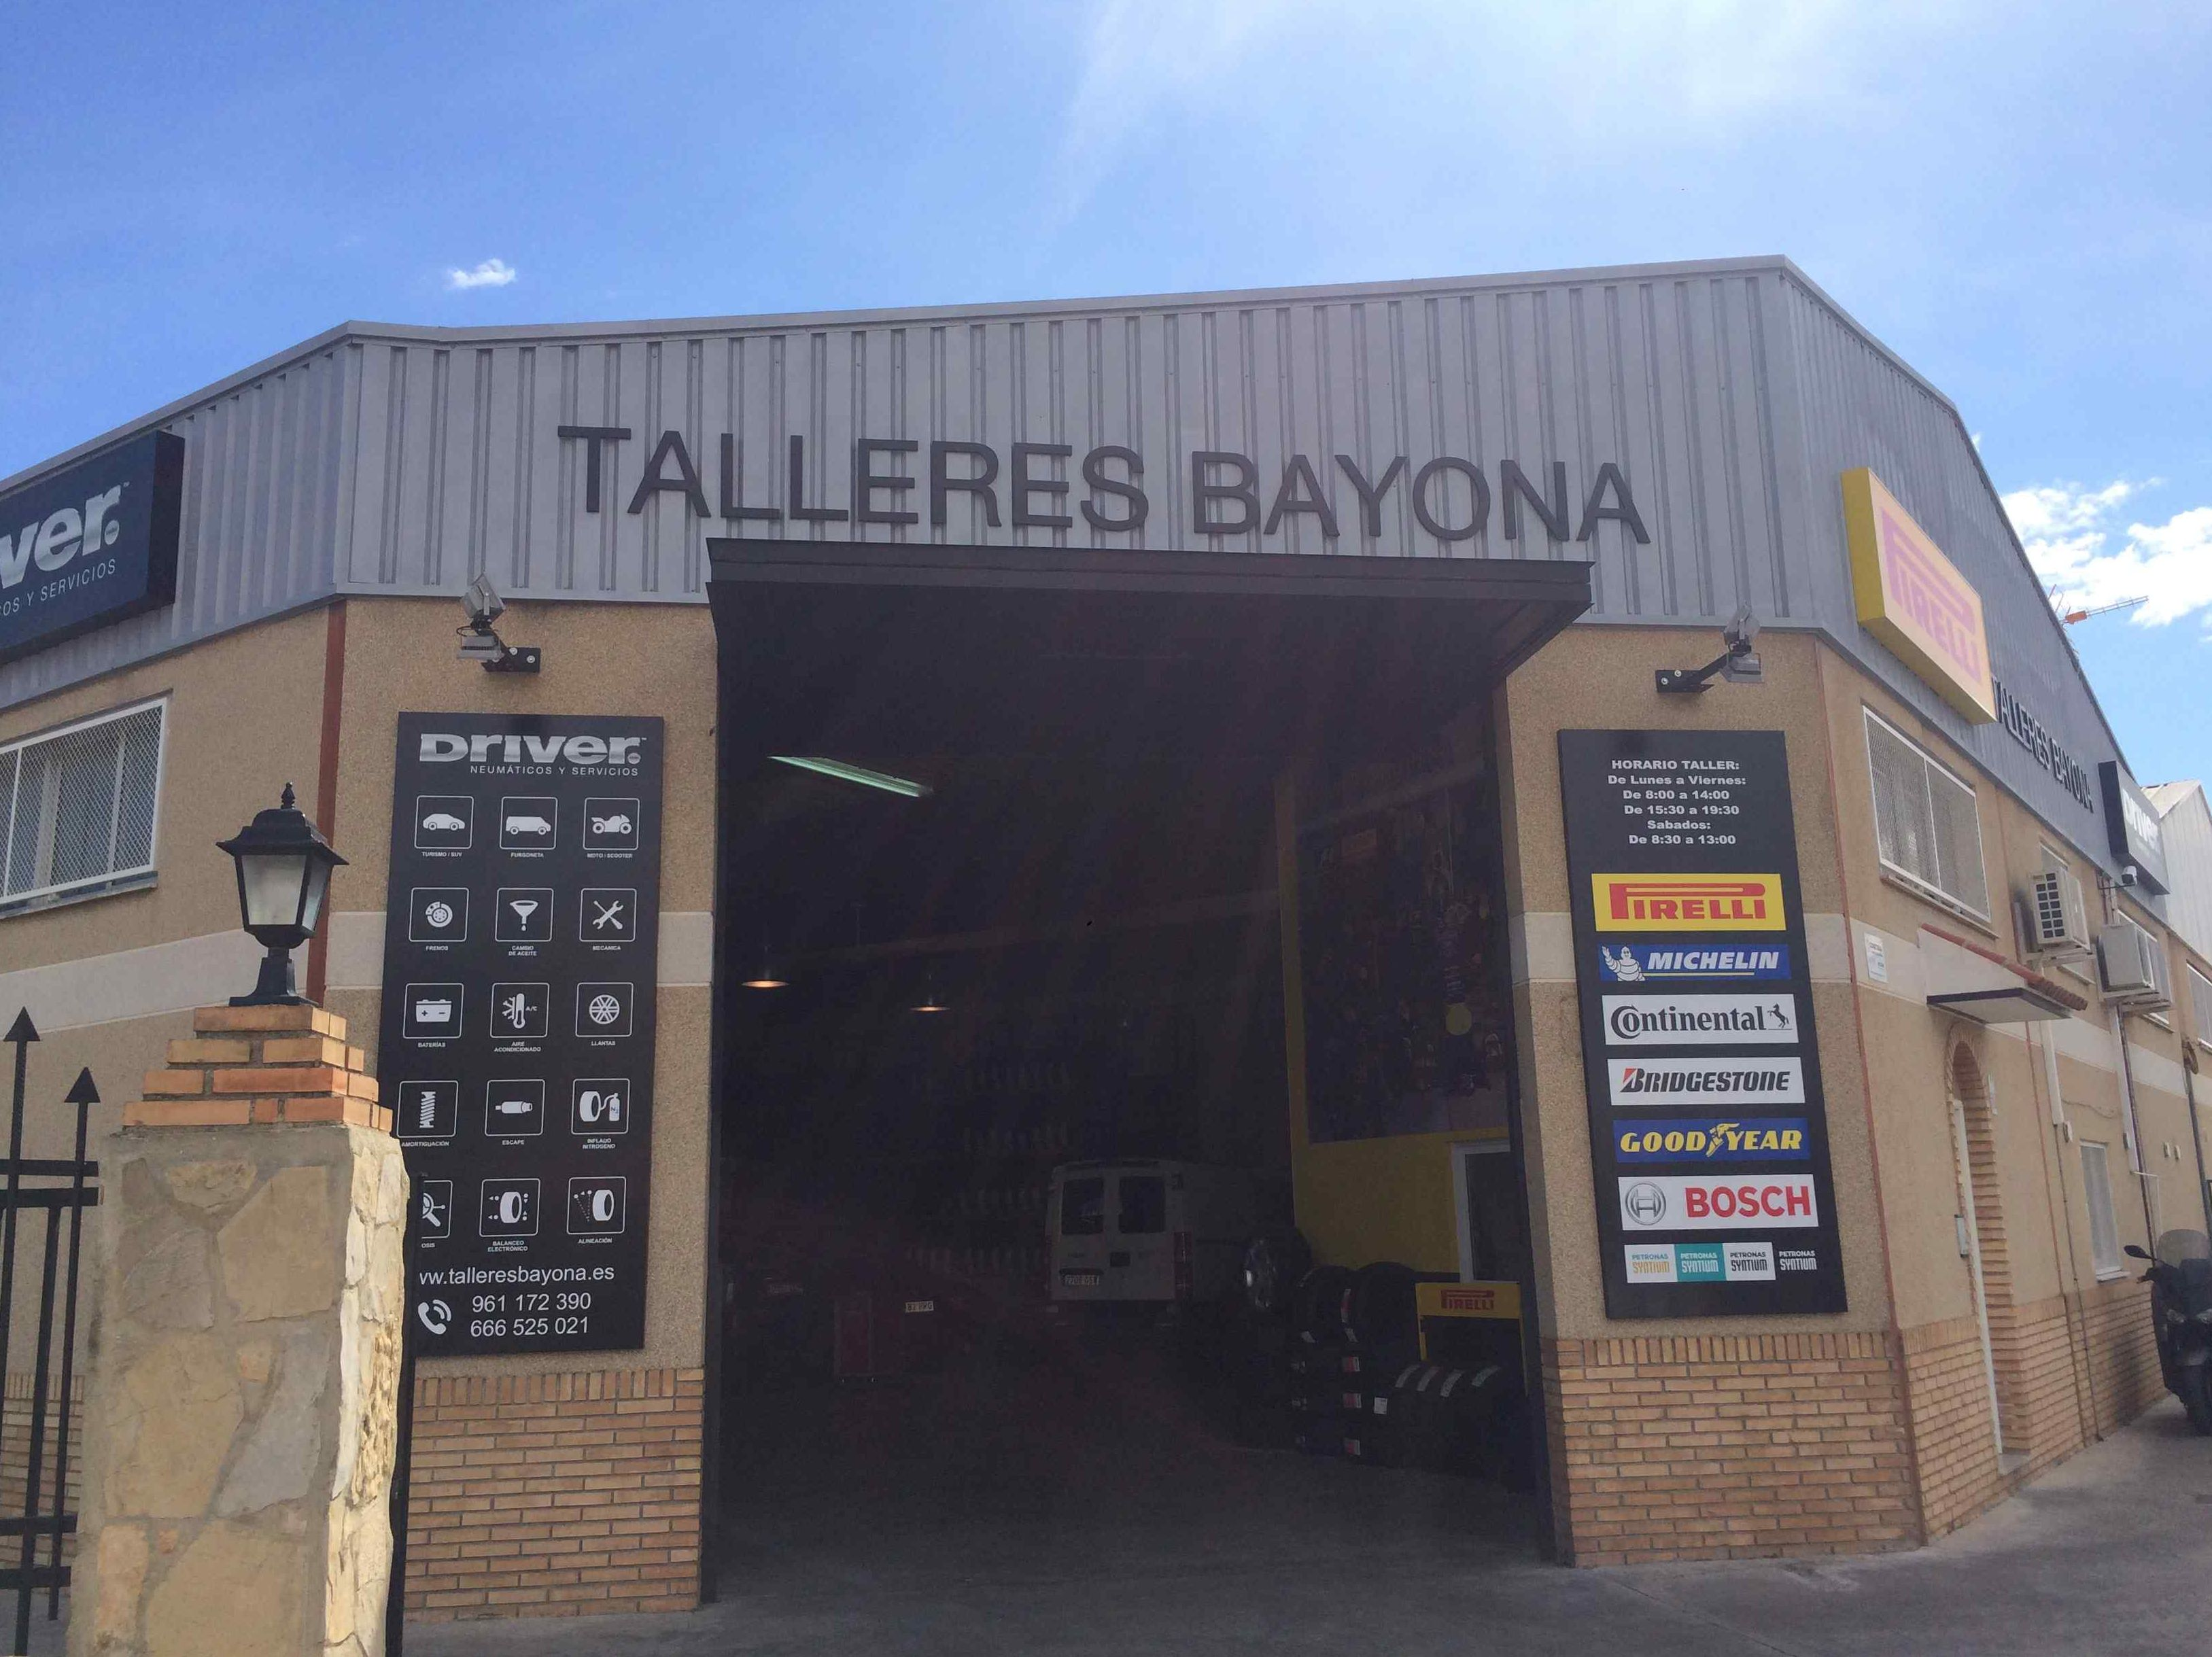 Fachada de Talleres Bayona en Valencia